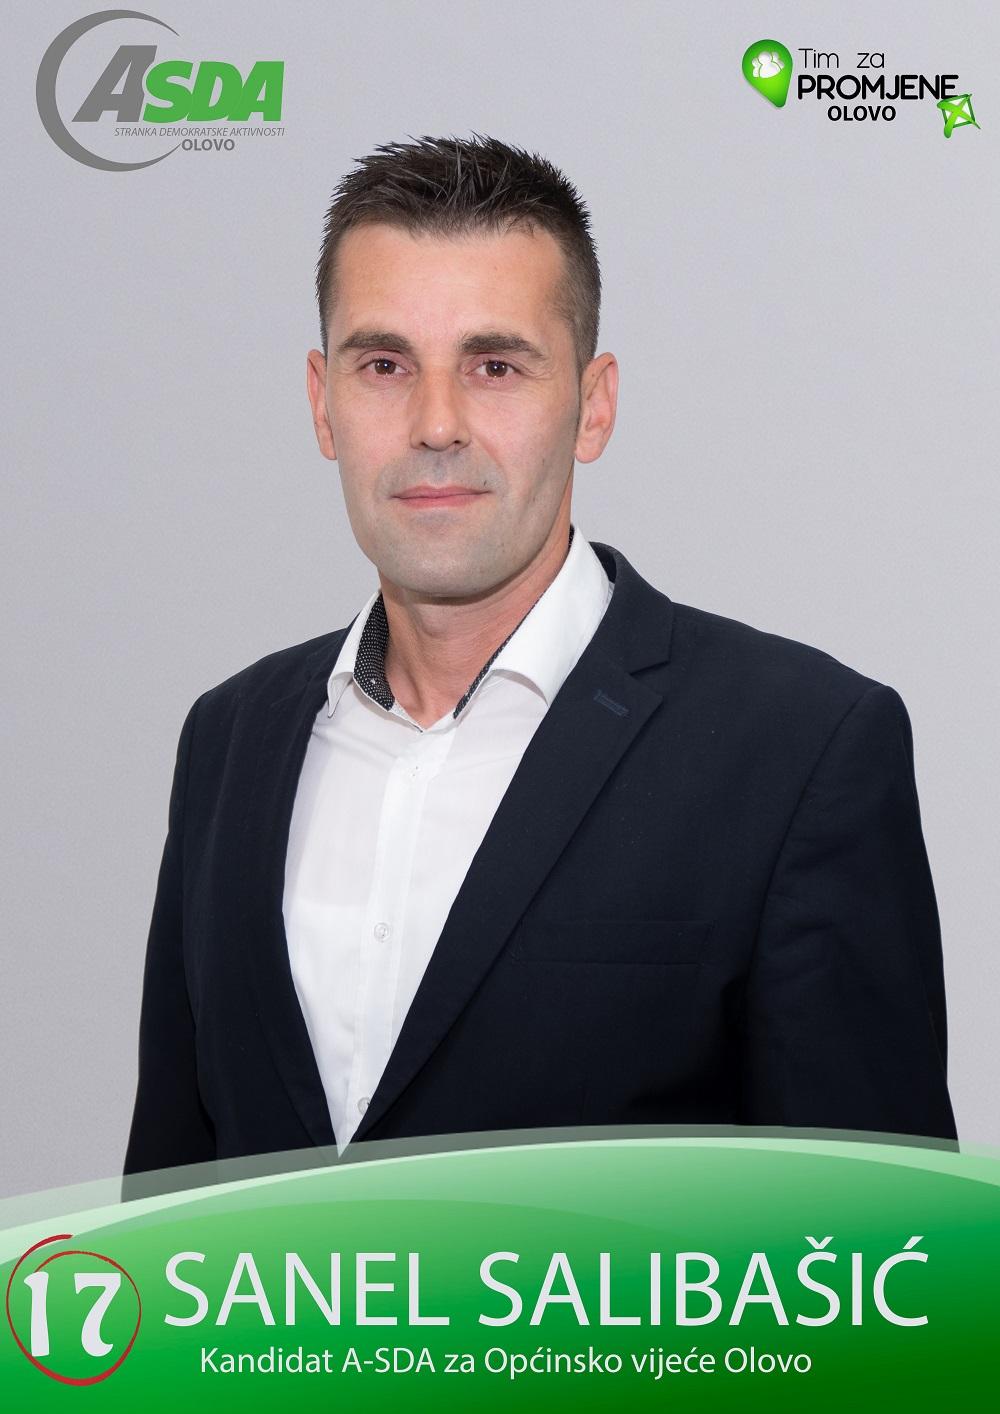 Sanel Salibašić